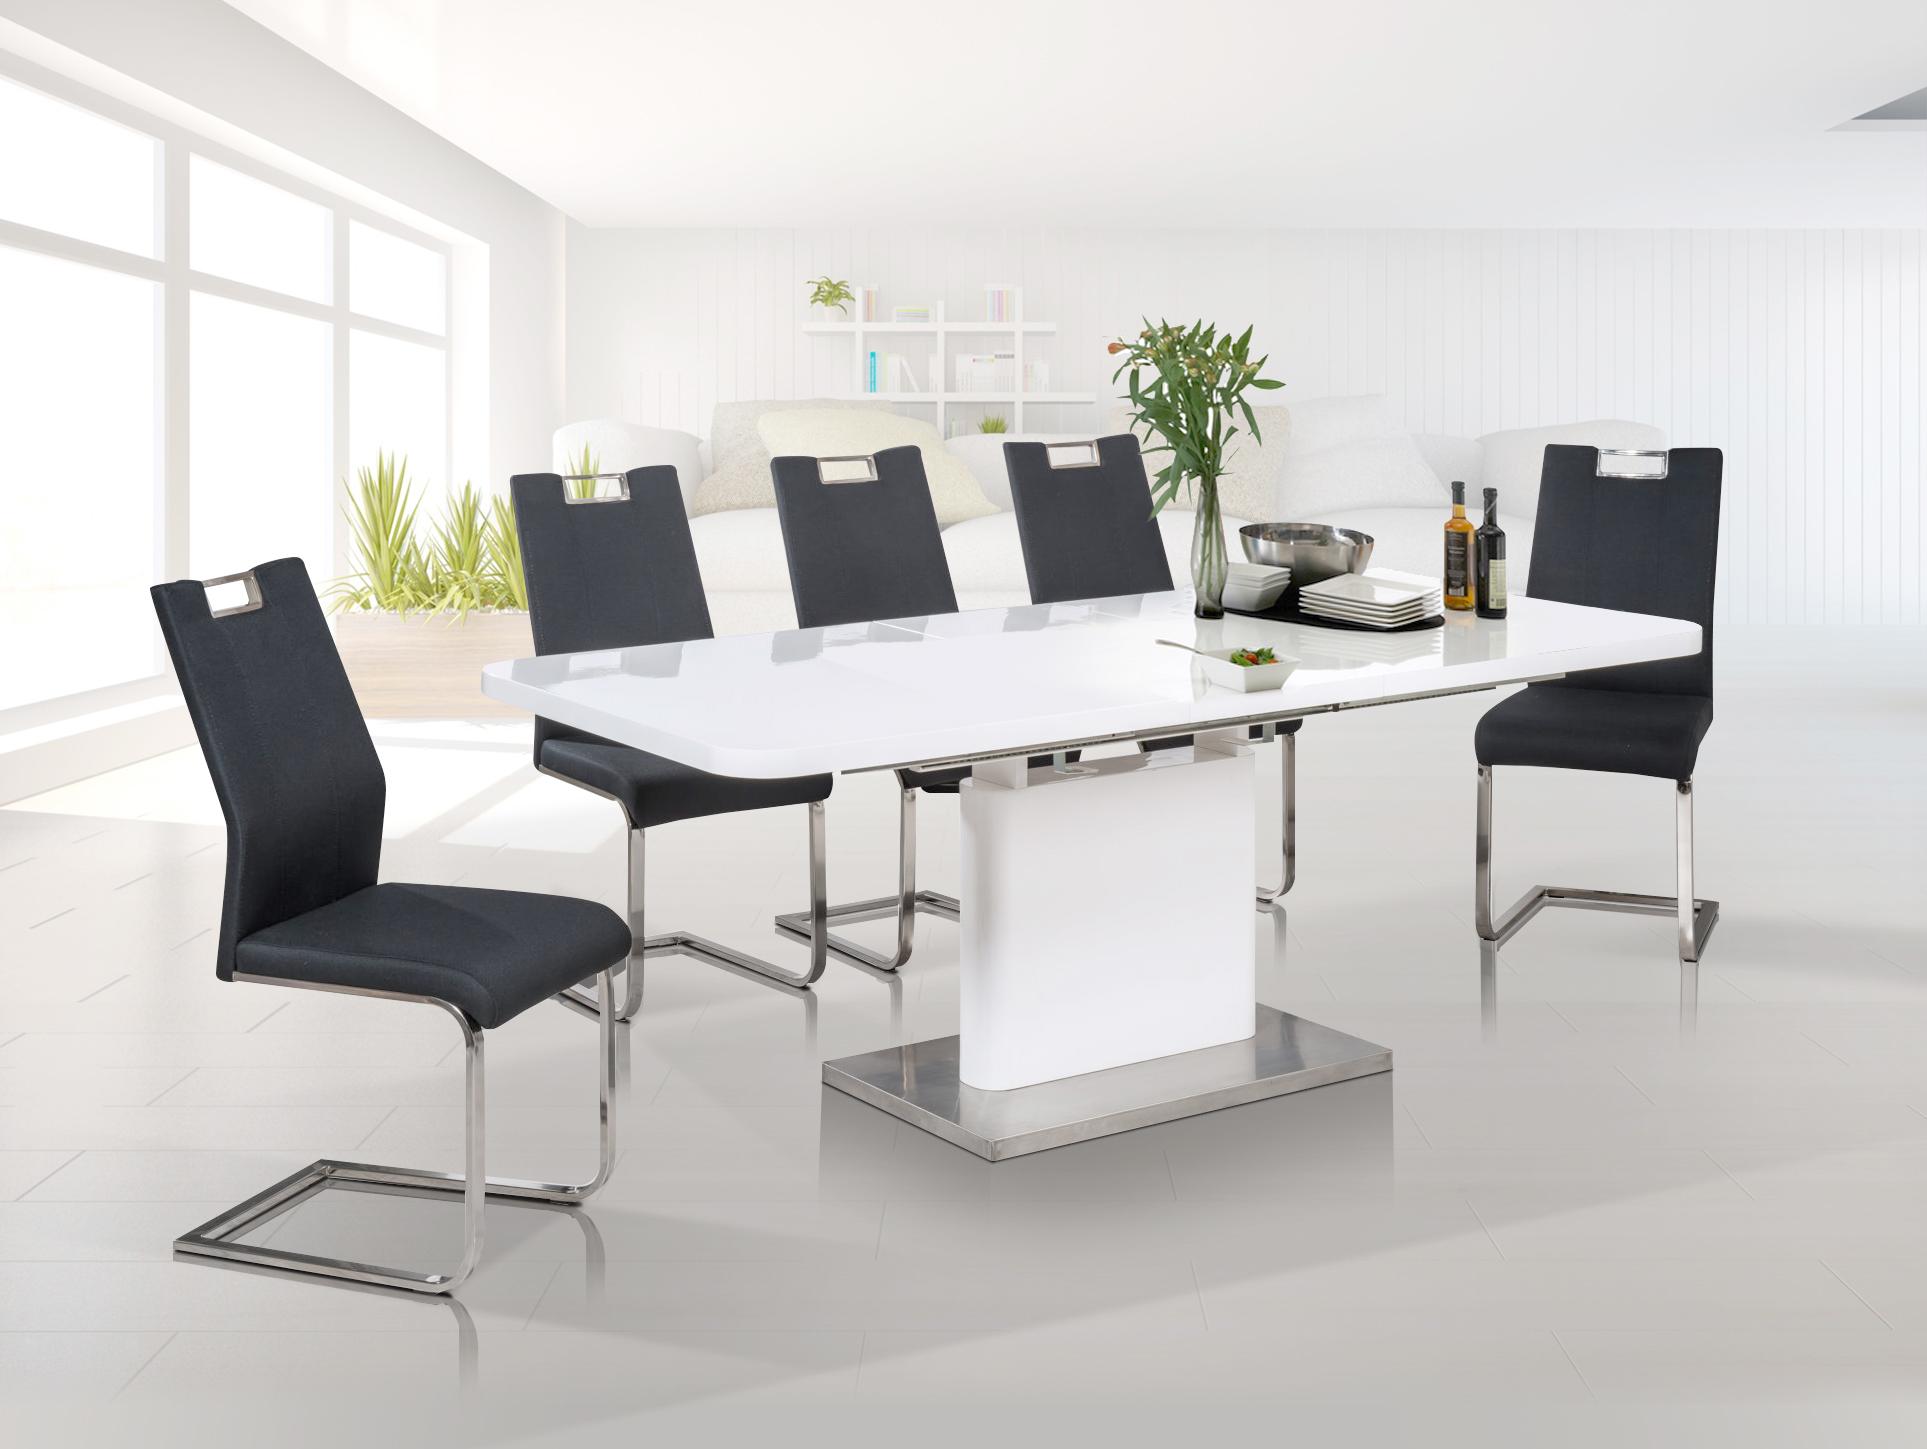 adriana esstisch 120 160x80 cm wei. Black Bedroom Furniture Sets. Home Design Ideas